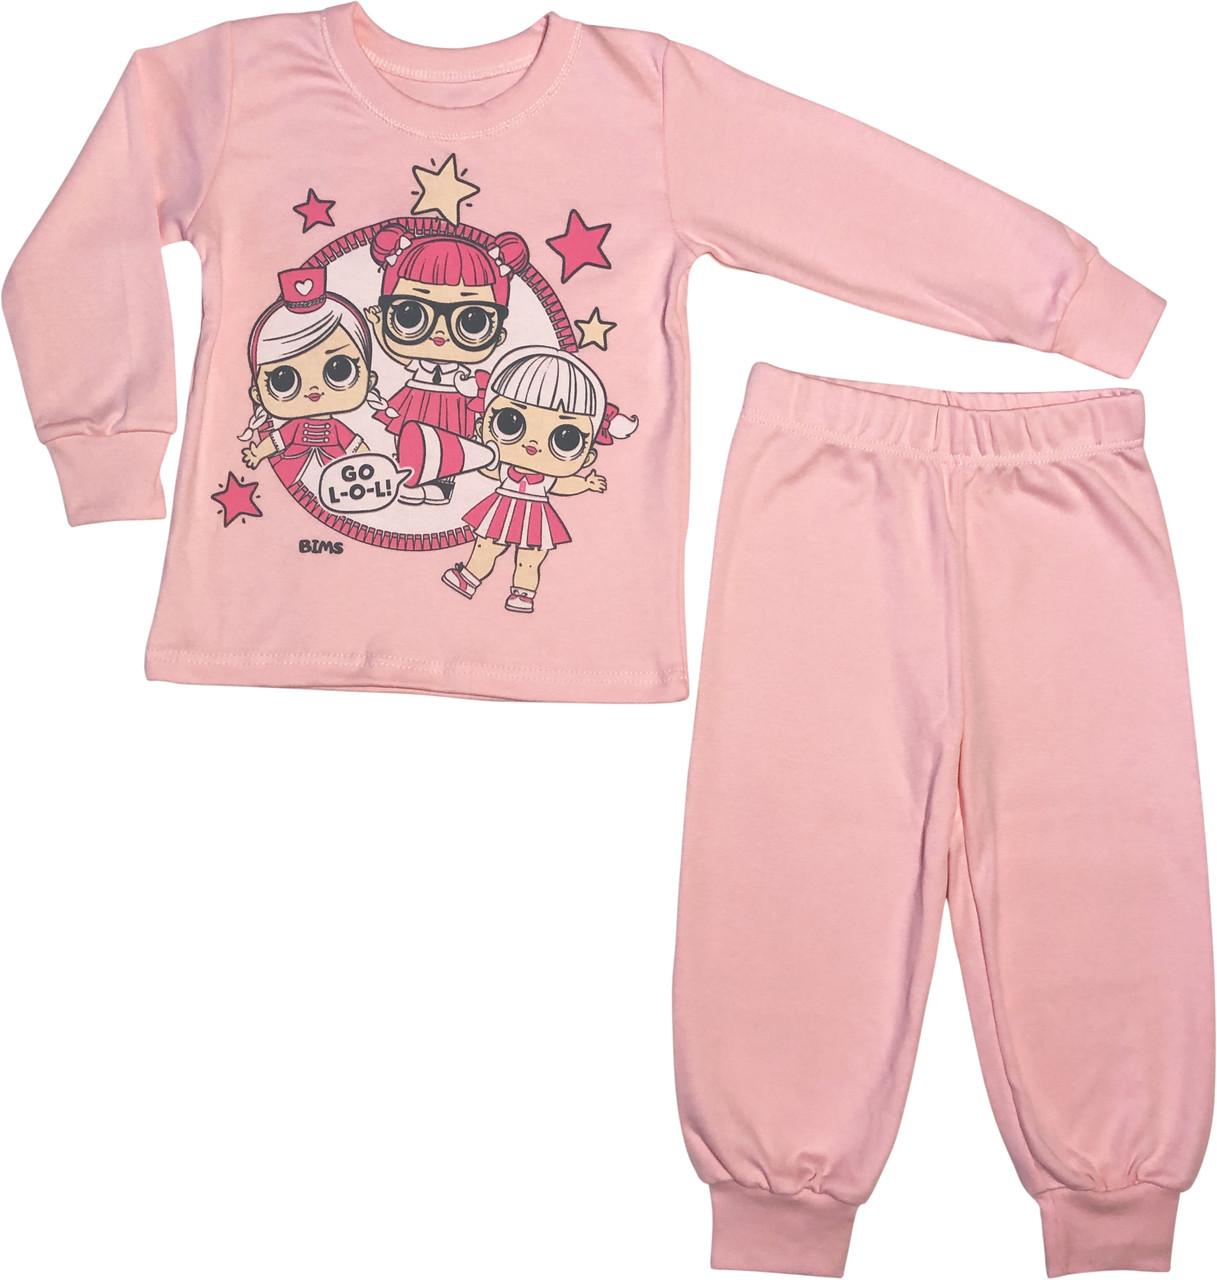 Детская пижама рост 92 1,5 года-2 года трикотажная интерлок розовая Лол на девочку для малышей Р977